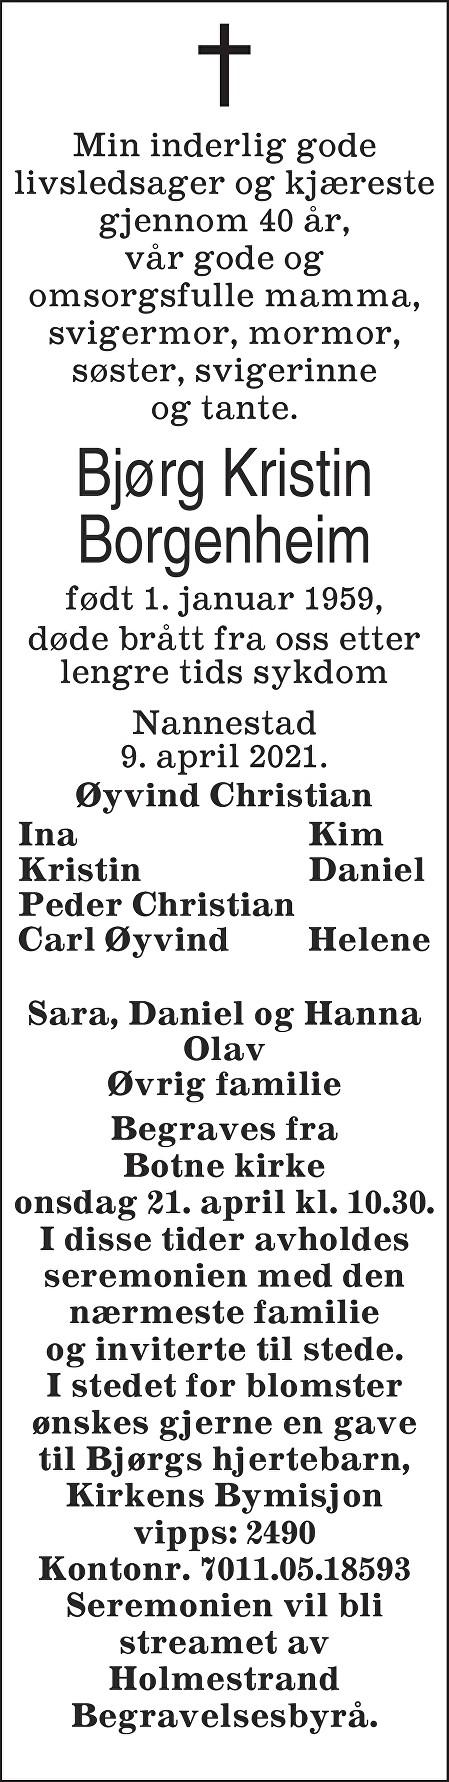 Bjørg Kristin Borgenheim Dødsannonse